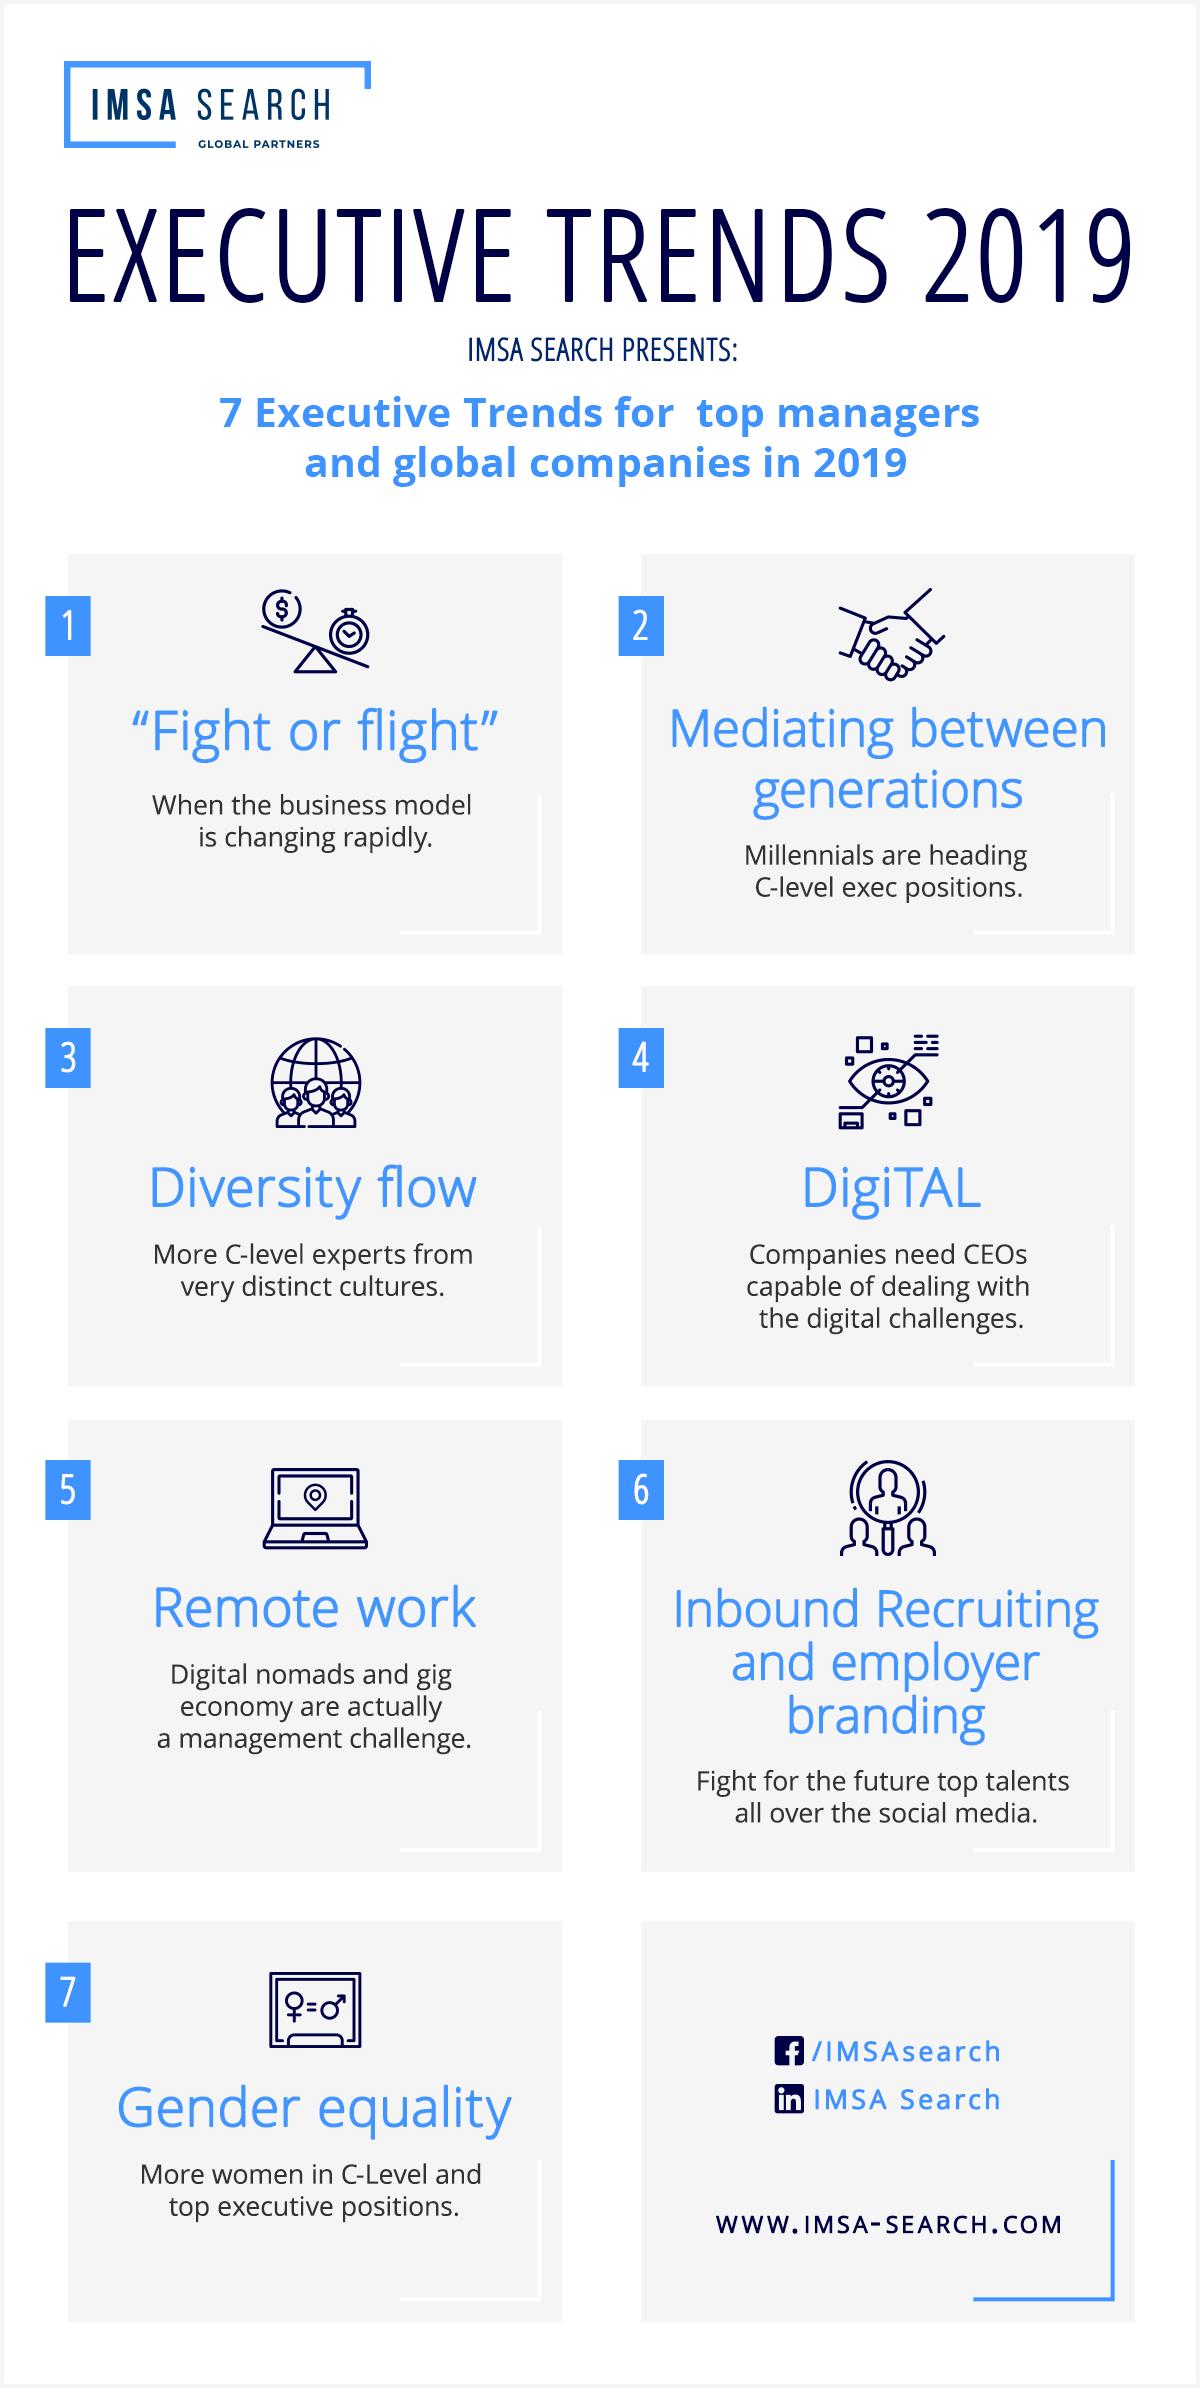 IMSA Search Executive Trends 2019